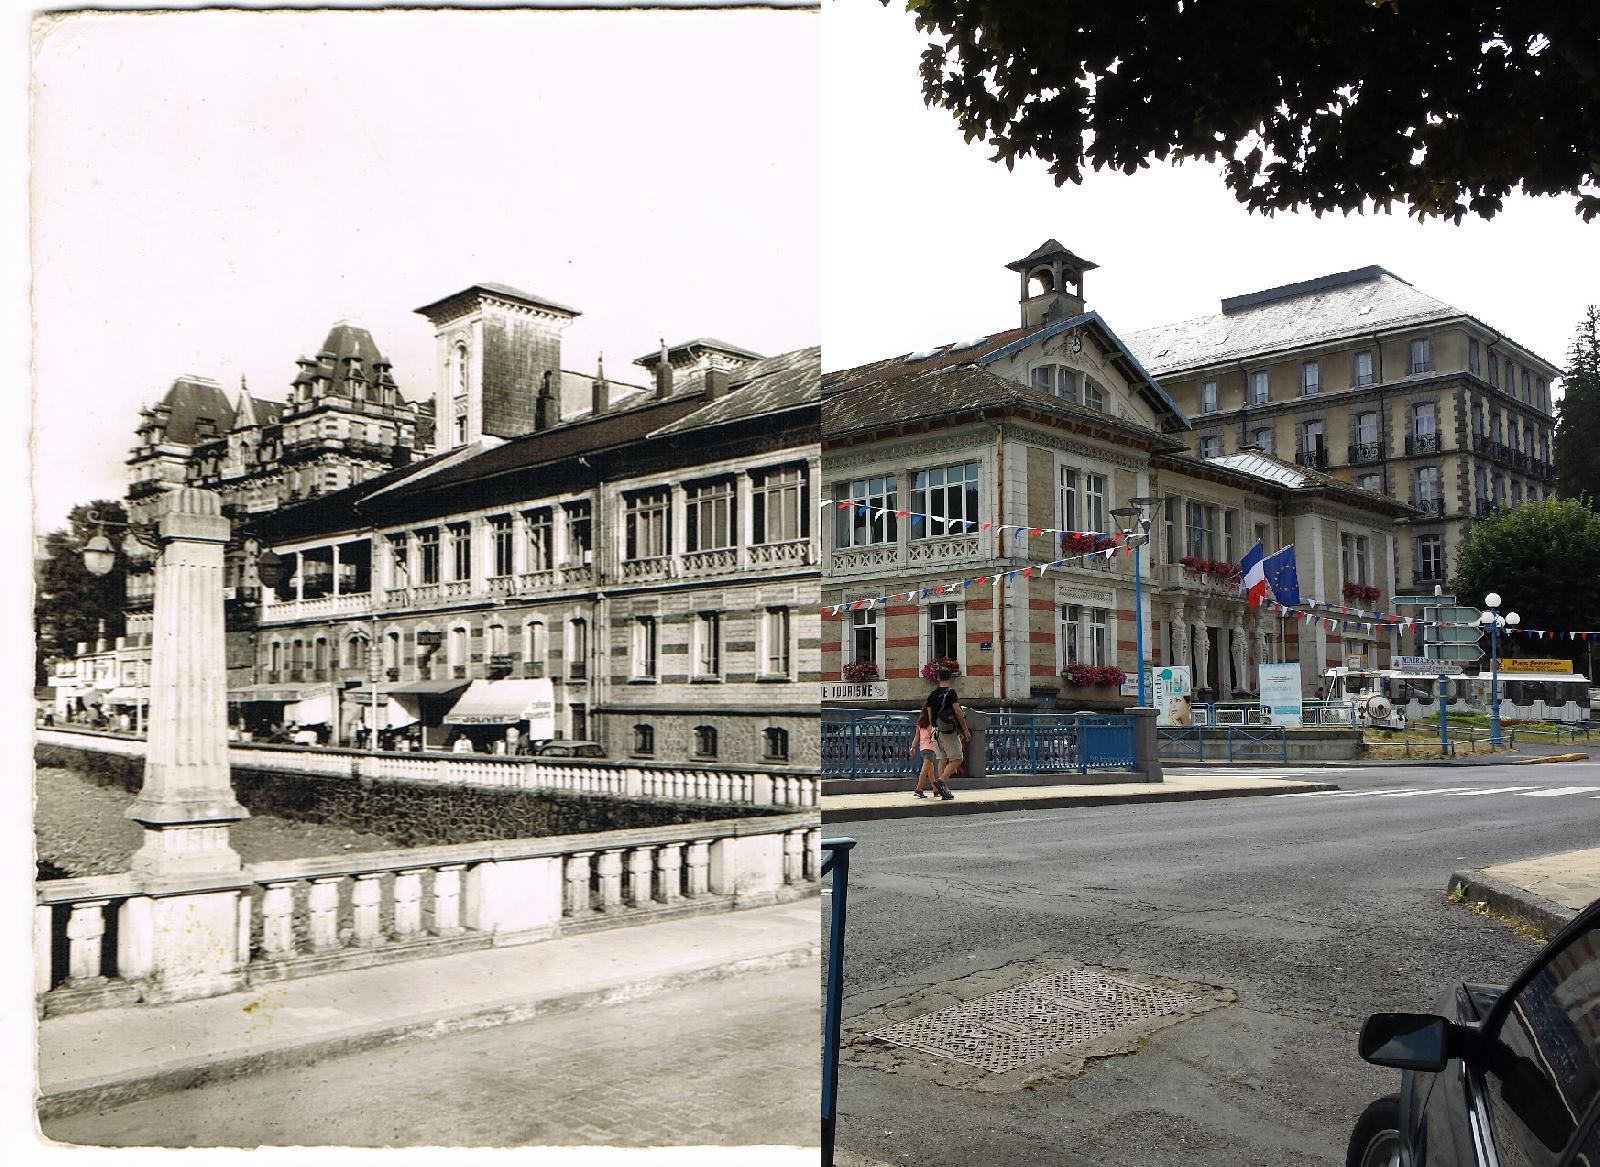 La Bourboule - la Bourboule - INSEE 63047 - l'Hôtel-de-Ville et le Pont.